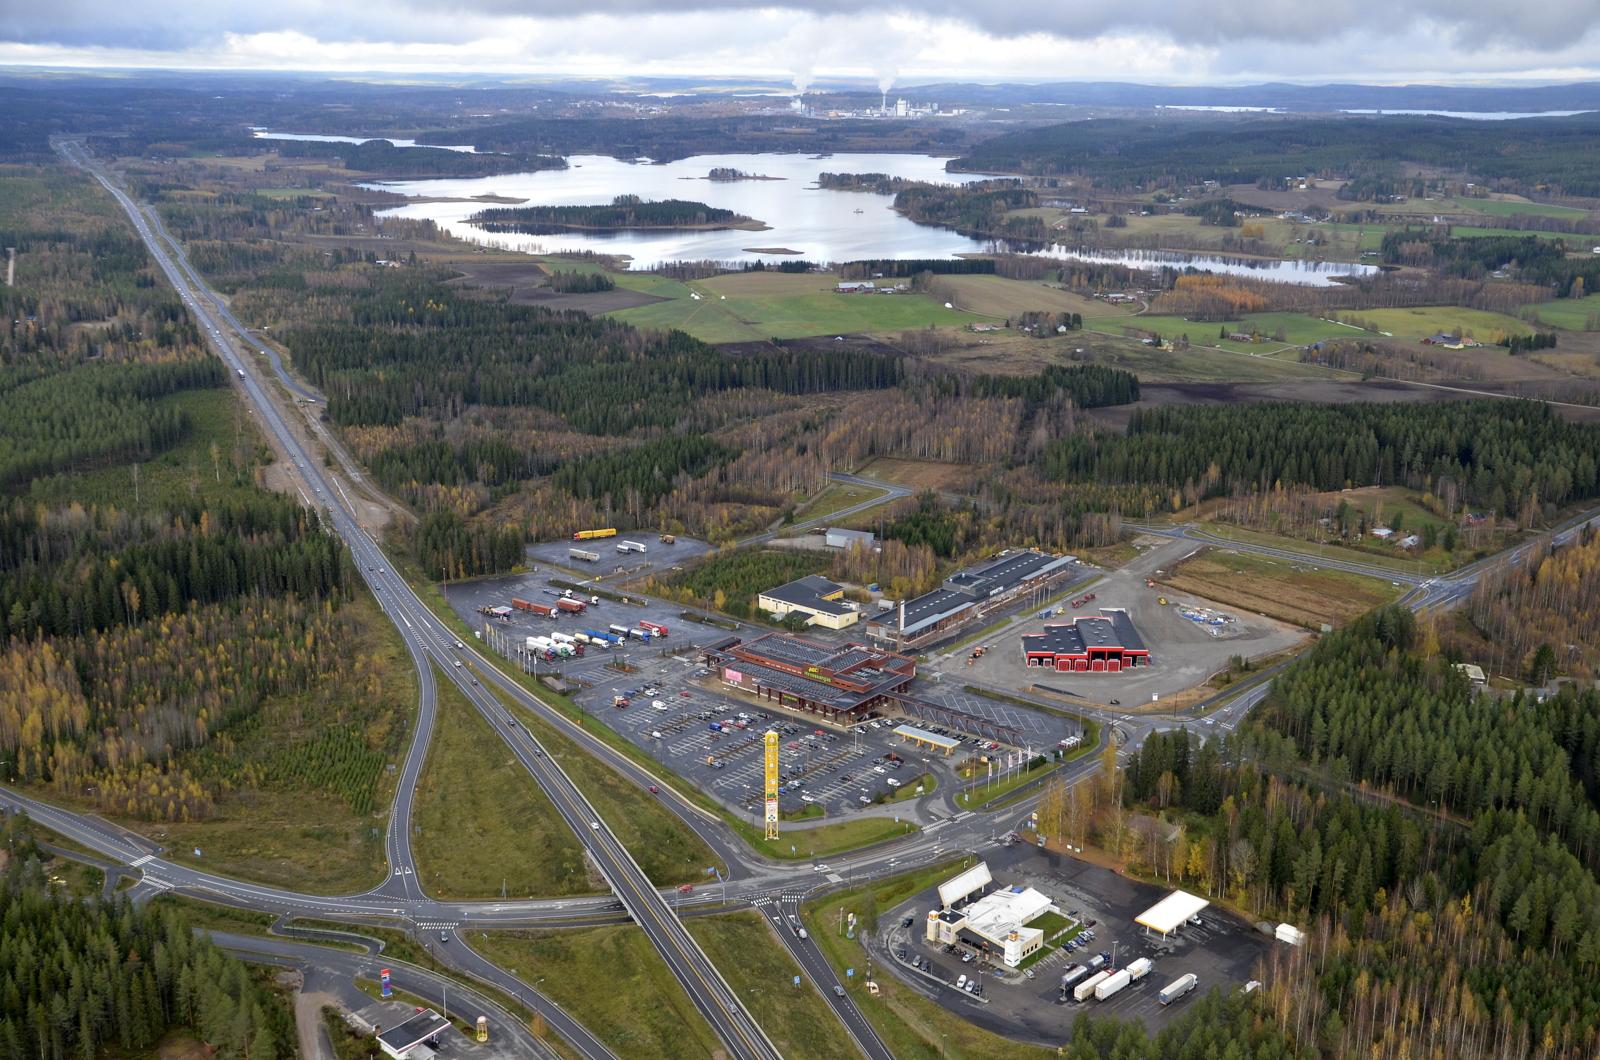 Hirvaskangas ja juuri valmistuva Heavy Center Hirvaskangas Oy:n halli. Taustalla Niinivesi ja Äänekosken tehtaiden sauhut.